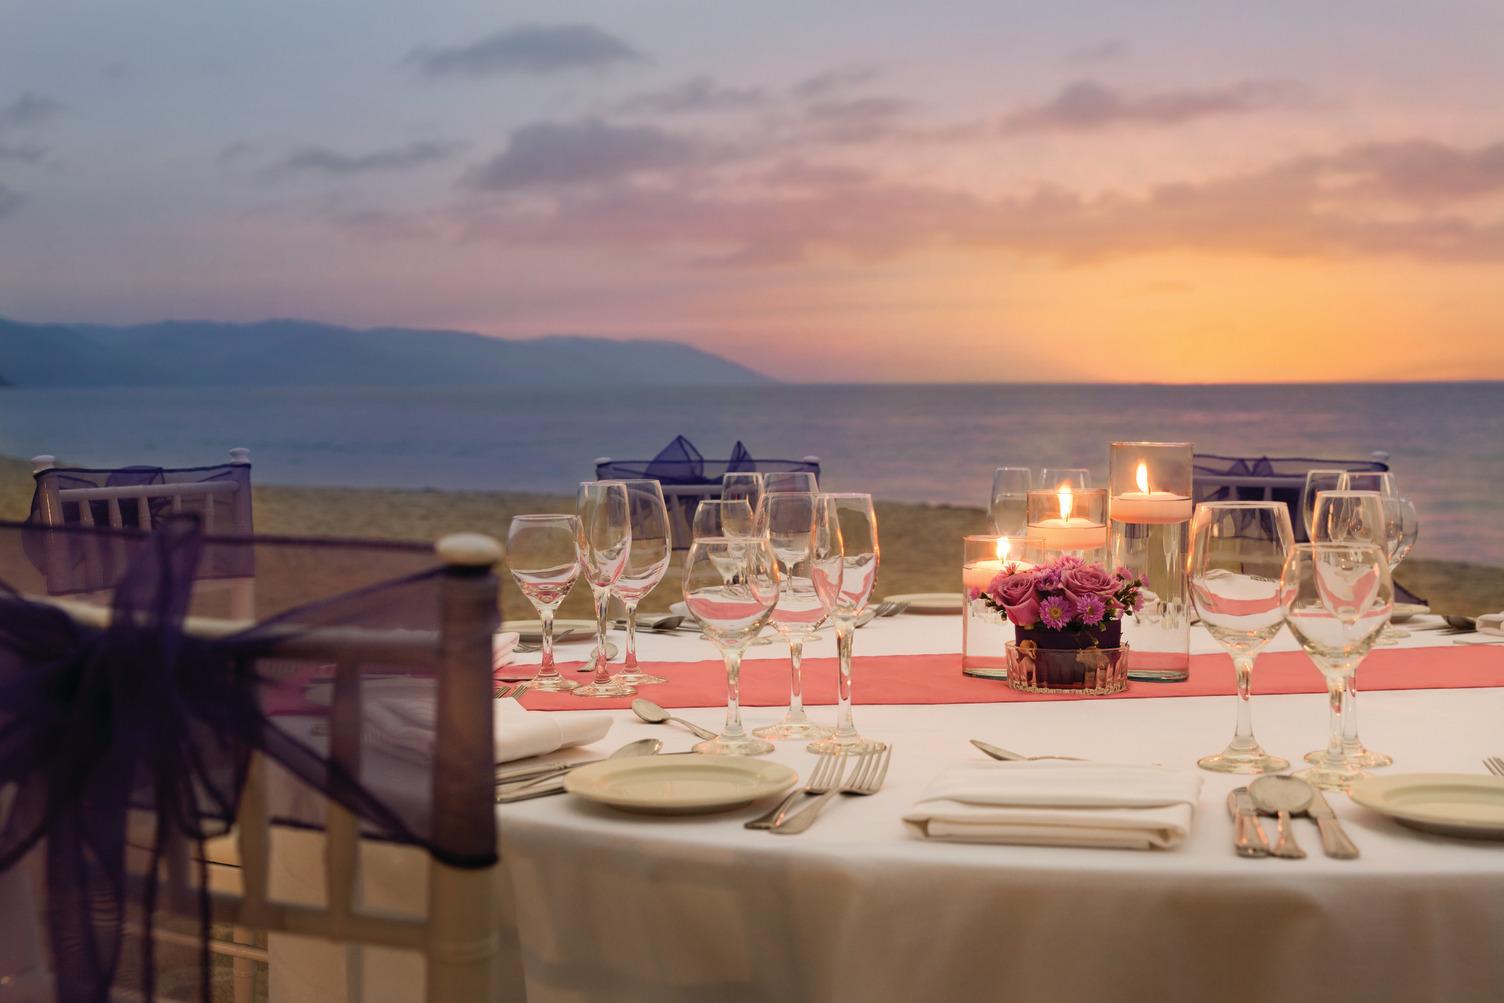 Hyatt-Ziva-Puerto-Vallarta-Beach-Wedding-Reception-Detailed.jpg